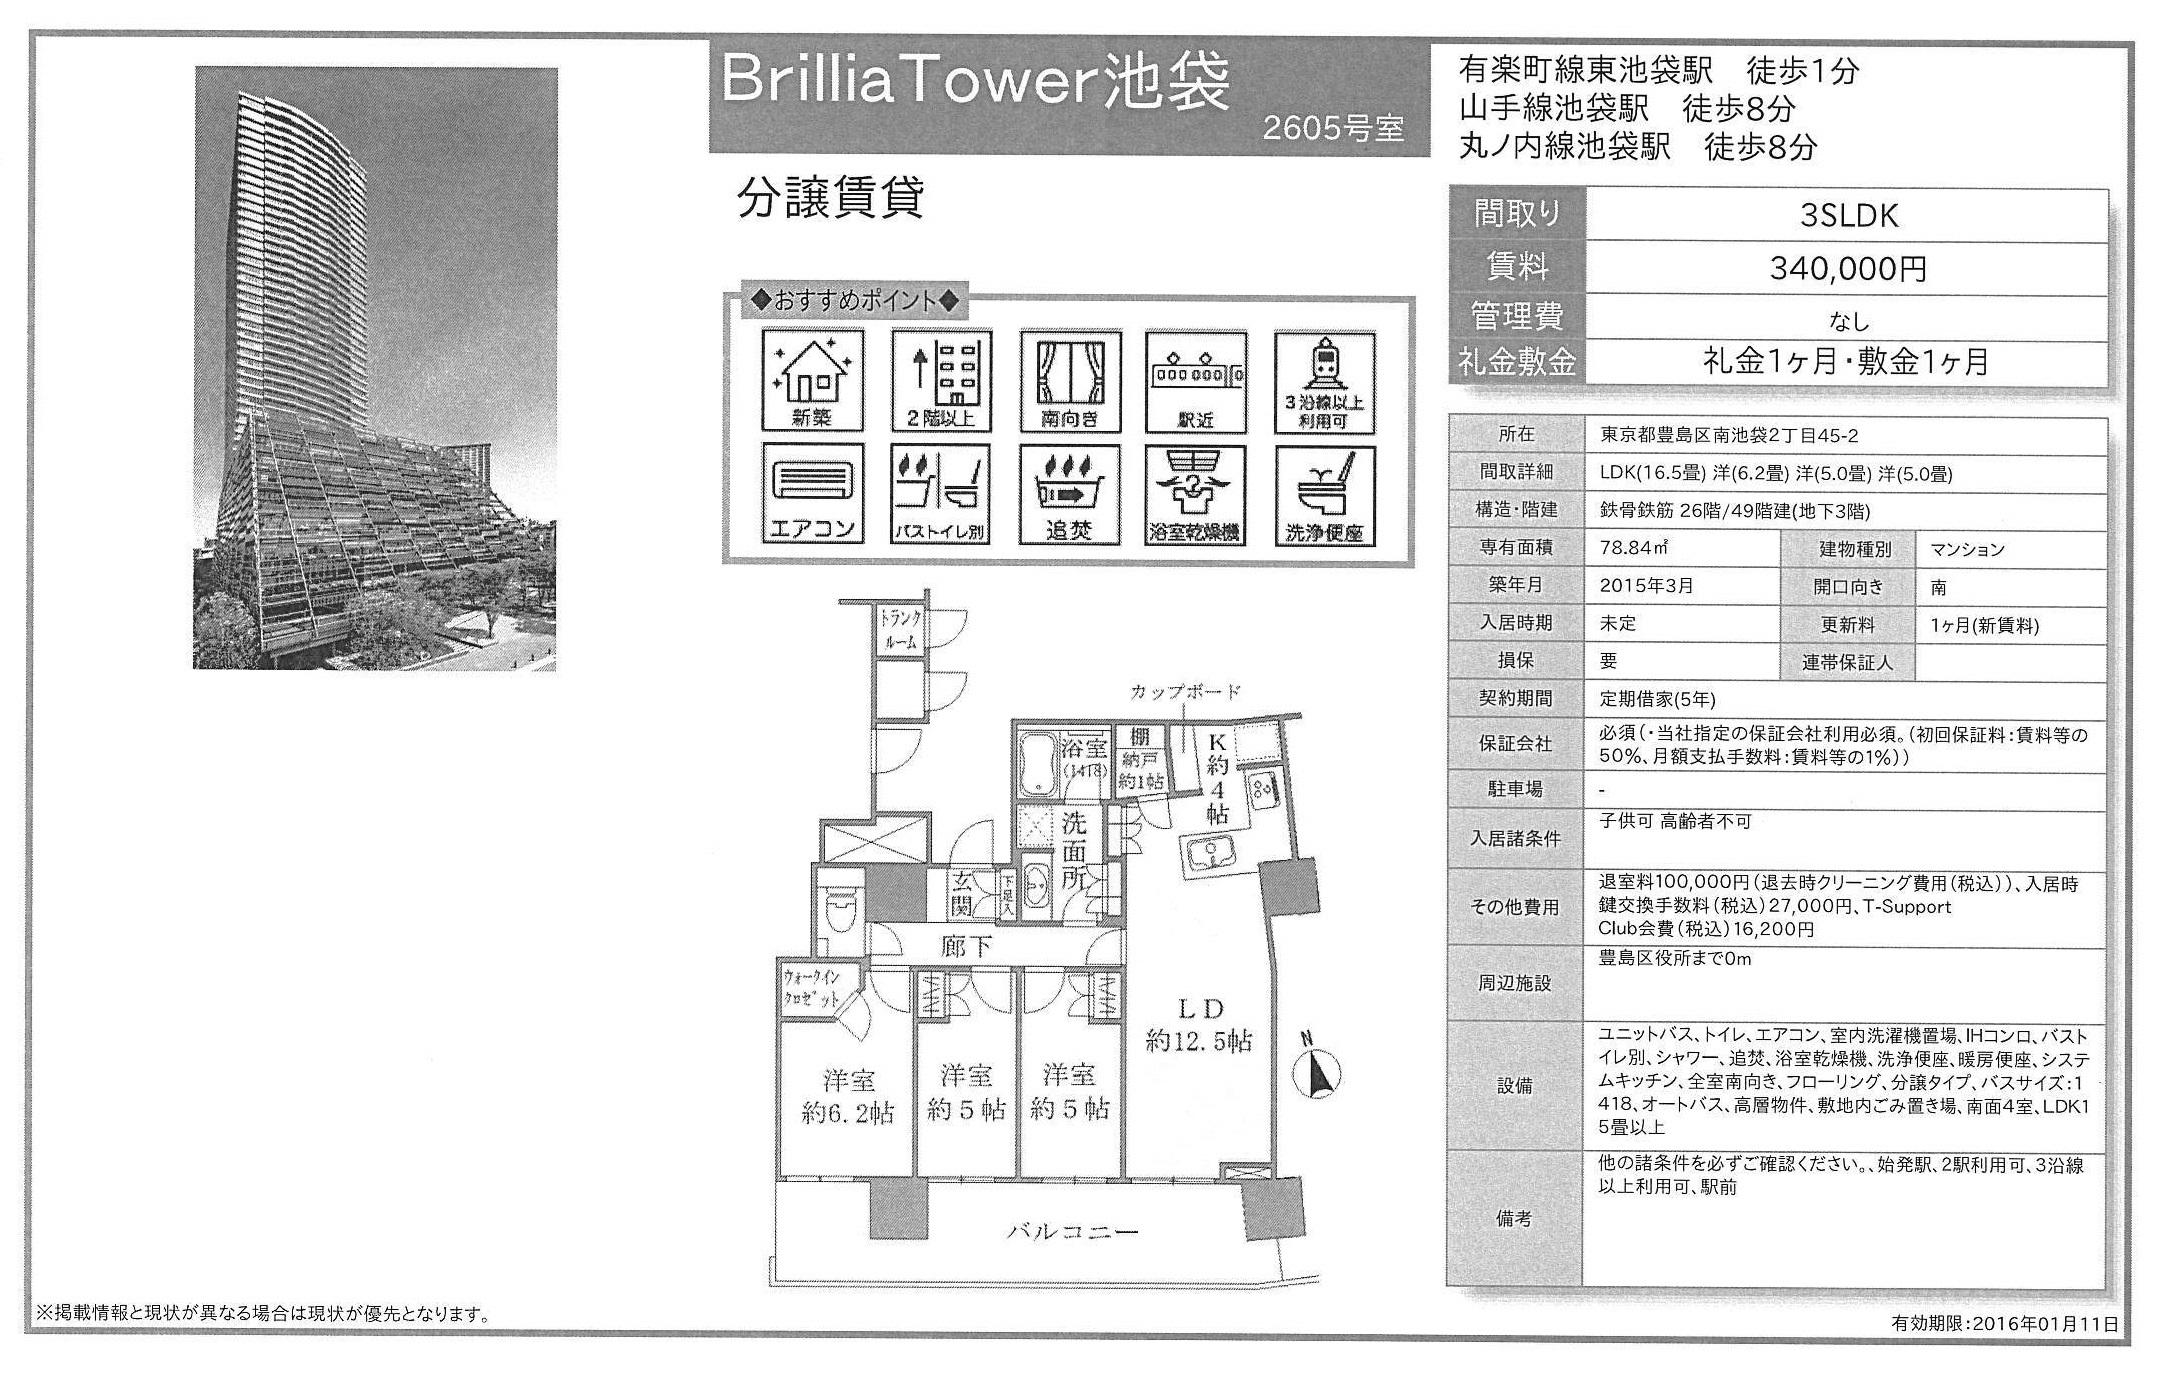 ブリリアタワー池袋図面2605号室